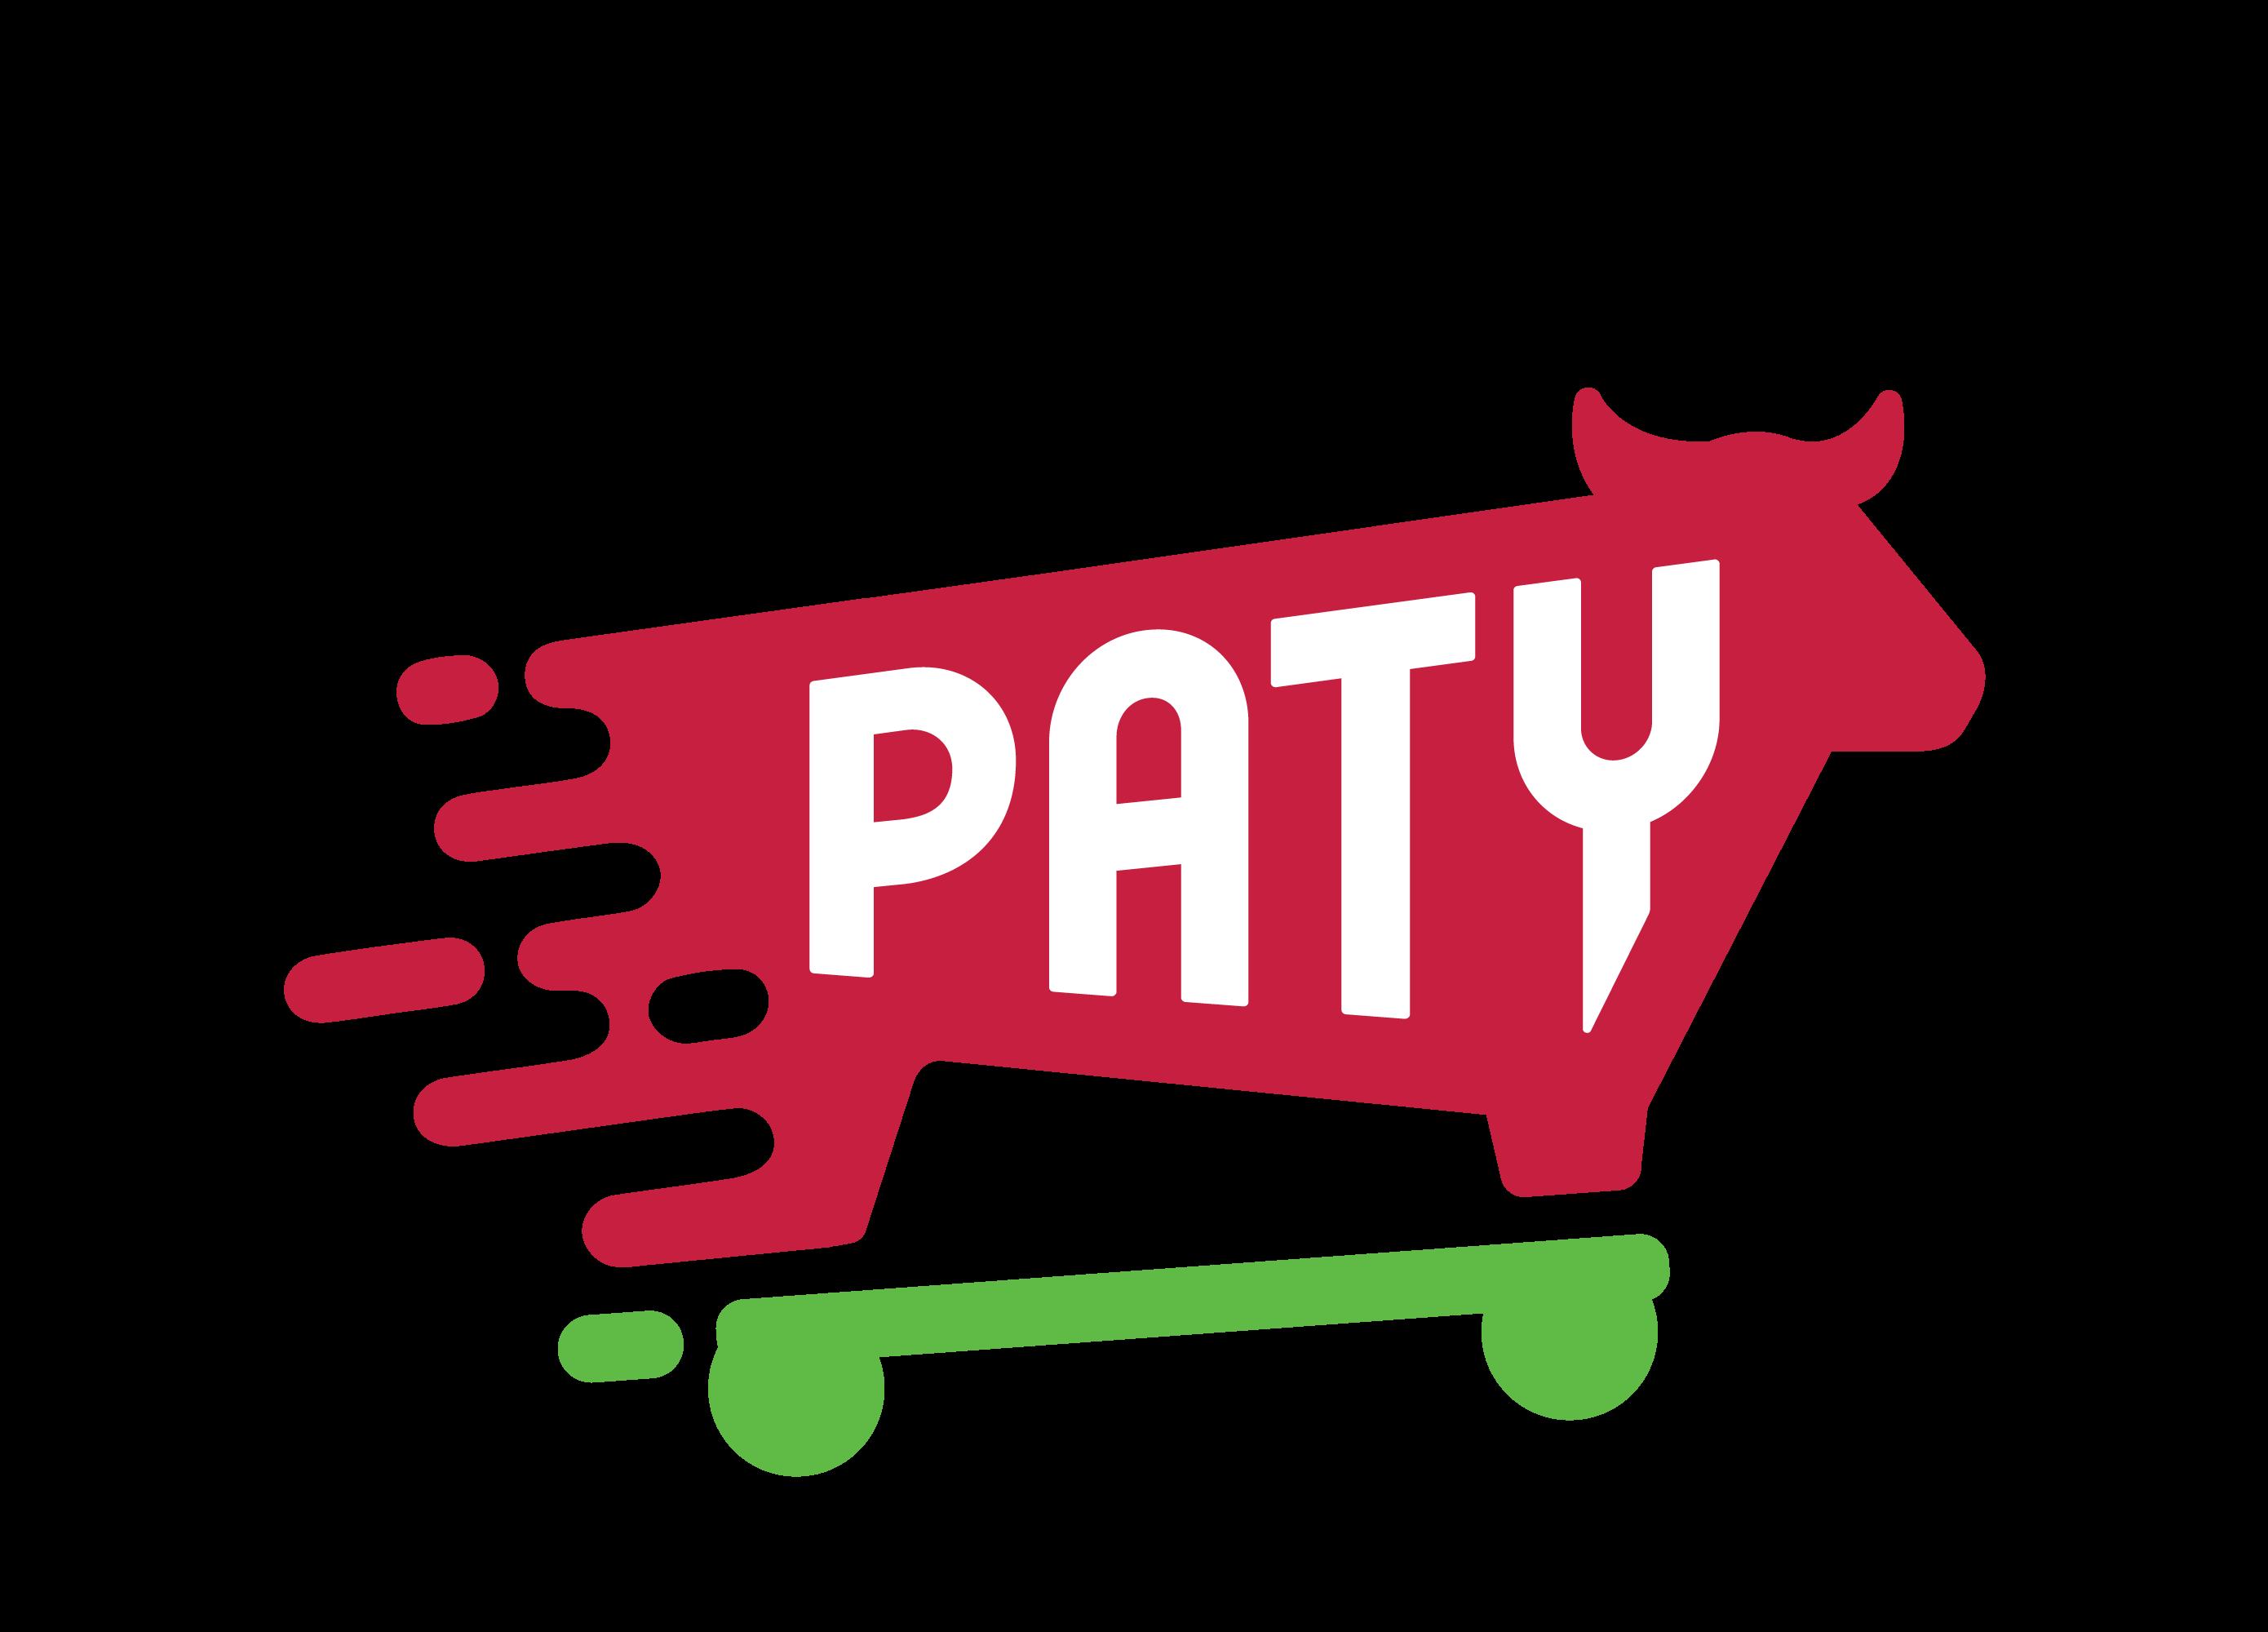 Mercado Paty